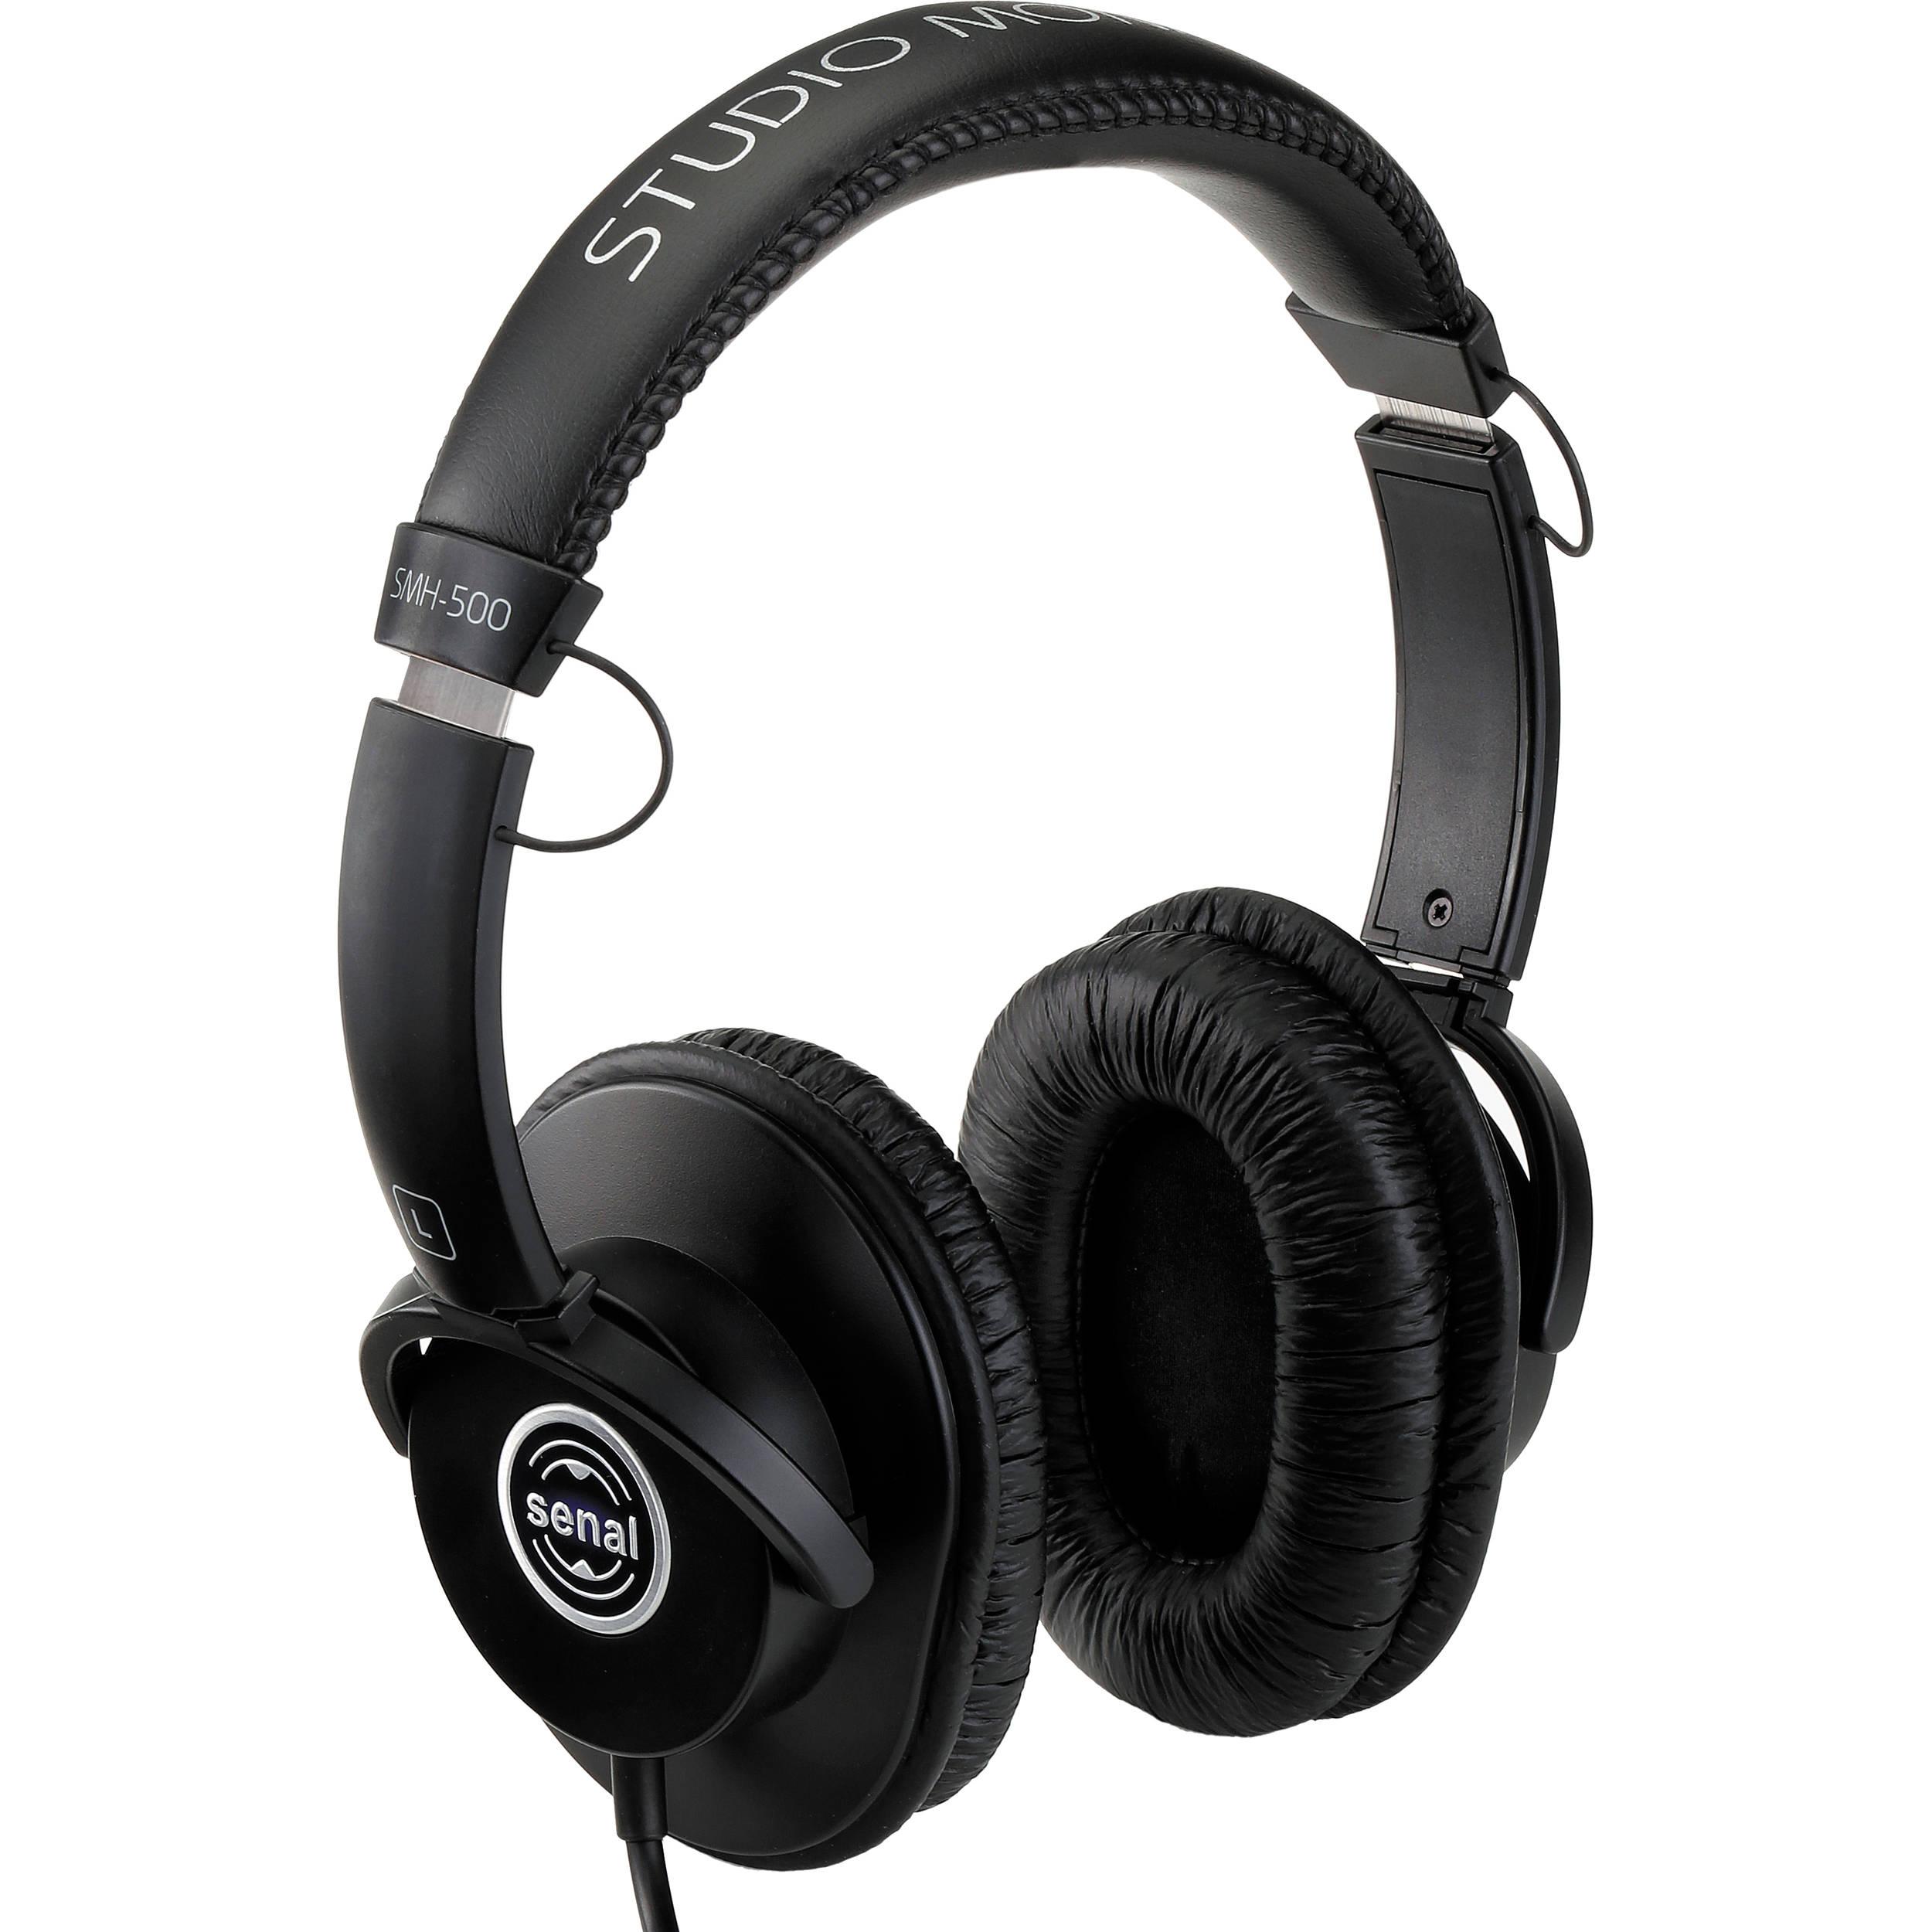 Headphones Backgrounds, Compatible - PC, Mobile, Gadgets| 2500x2500 px